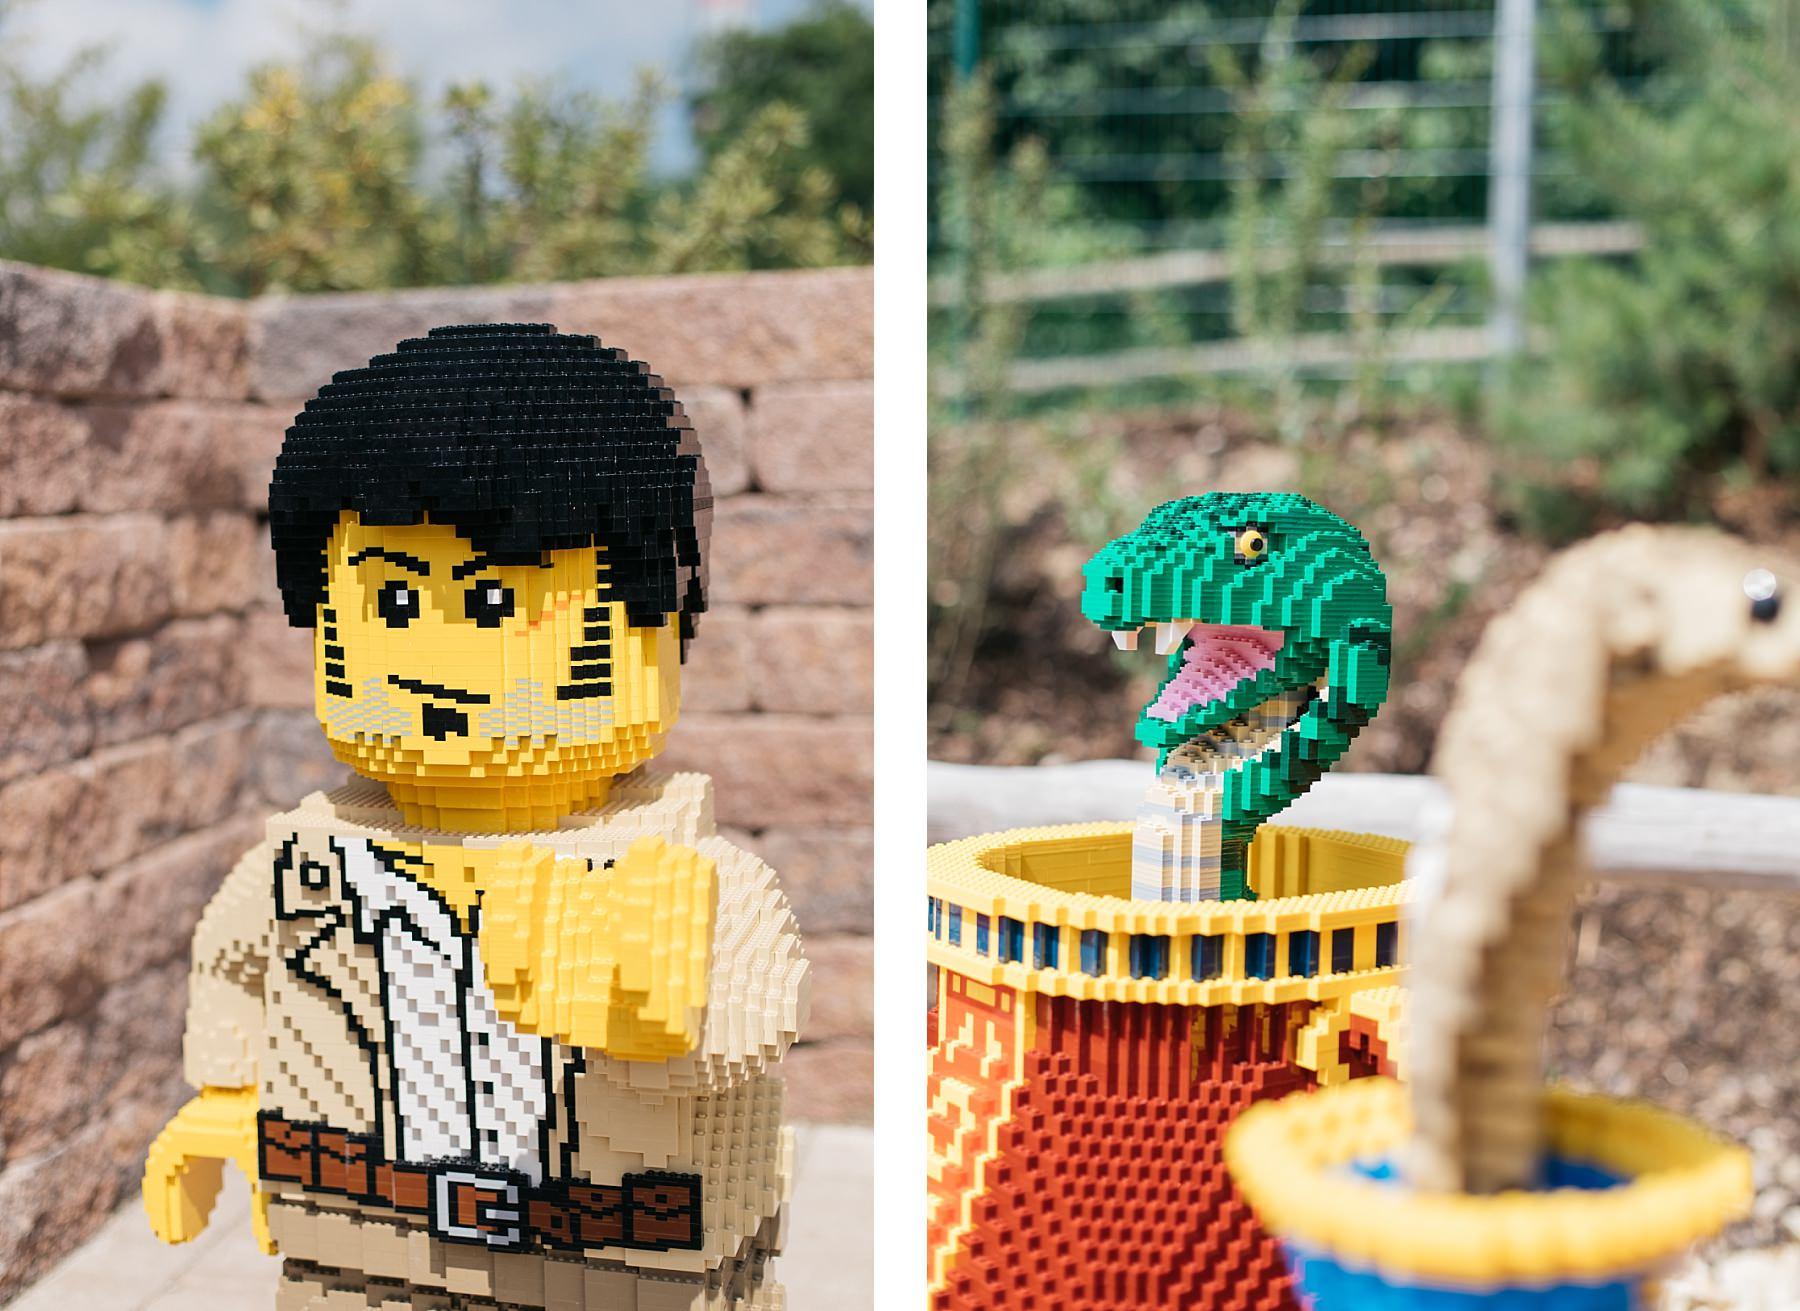 Legoland - 57 millions de briques Lego 53